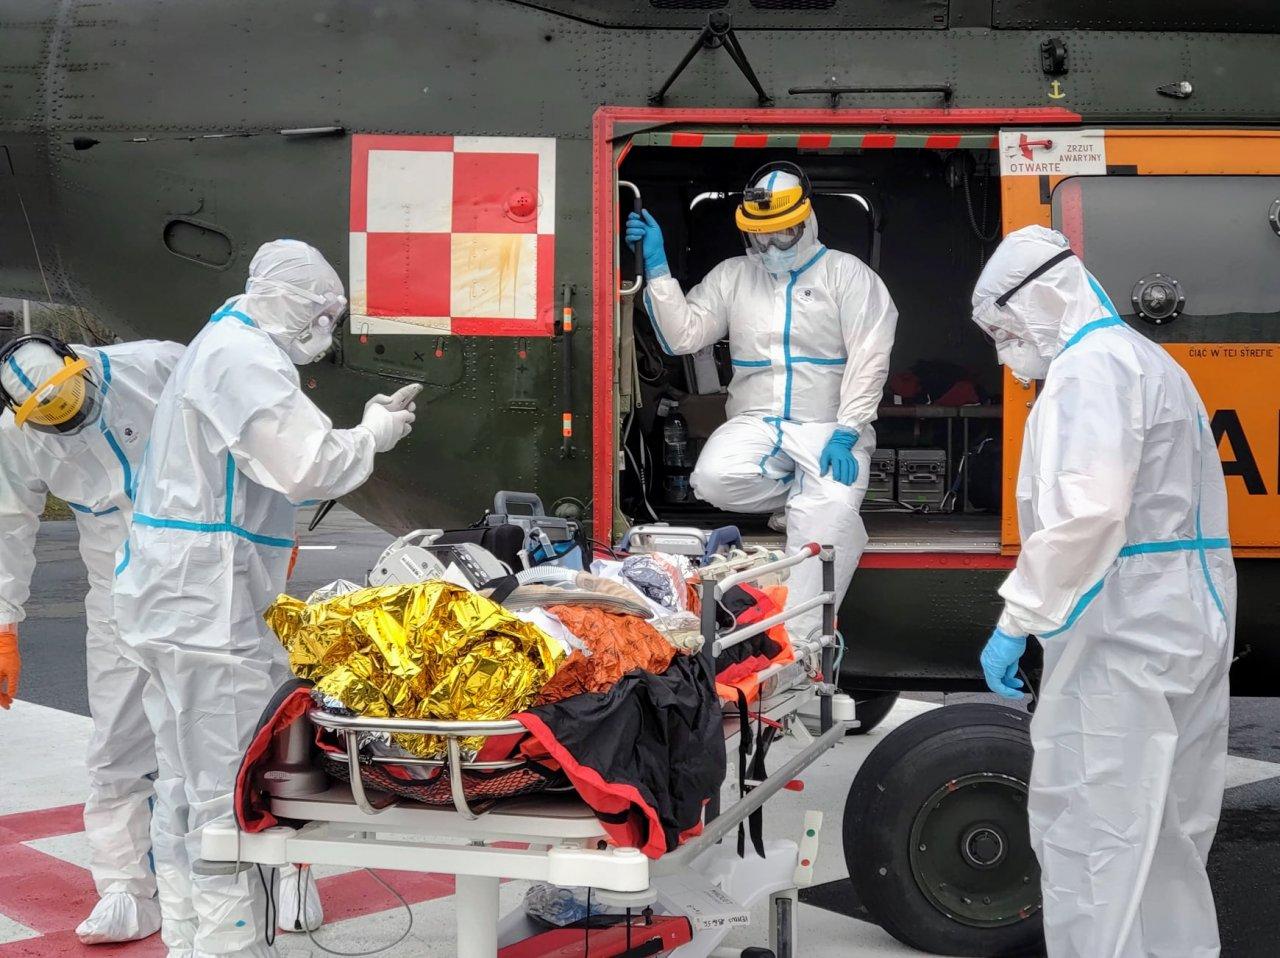 Wojskowy śmigłowiec pod szpitalem. To nie ewakuacja!